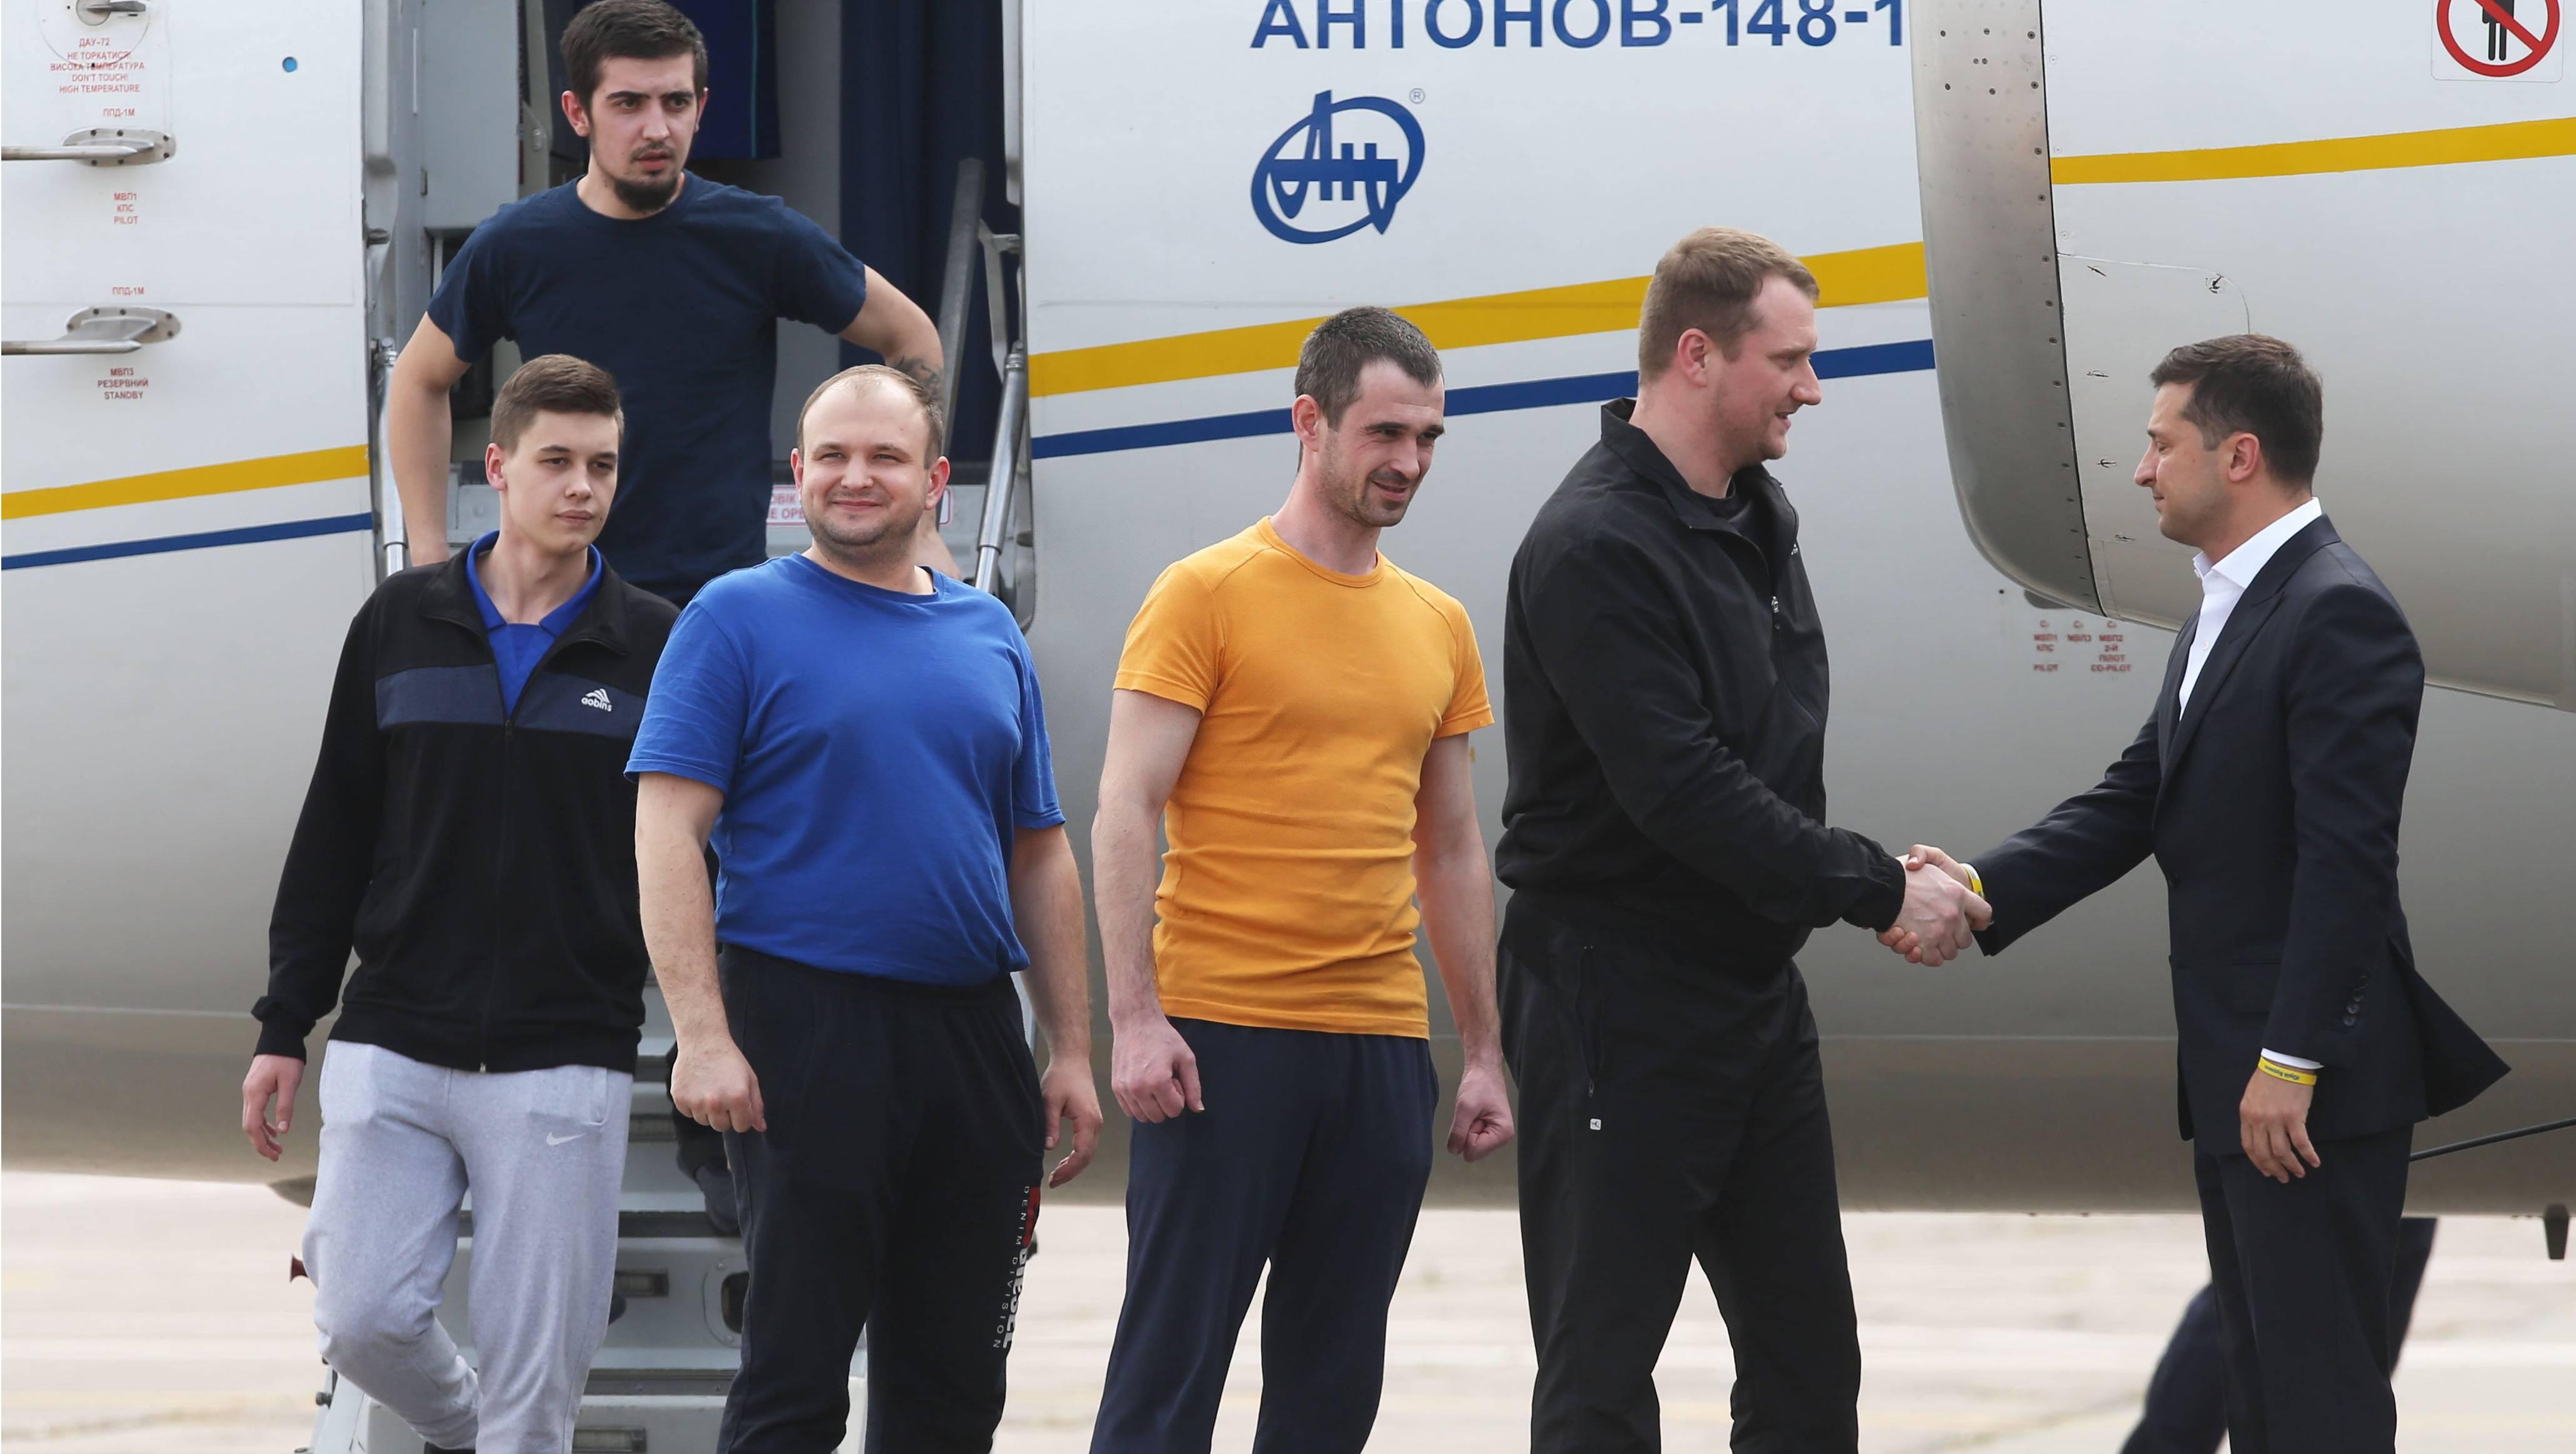 俄罗斯与乌克兰交换一批被扣押人员